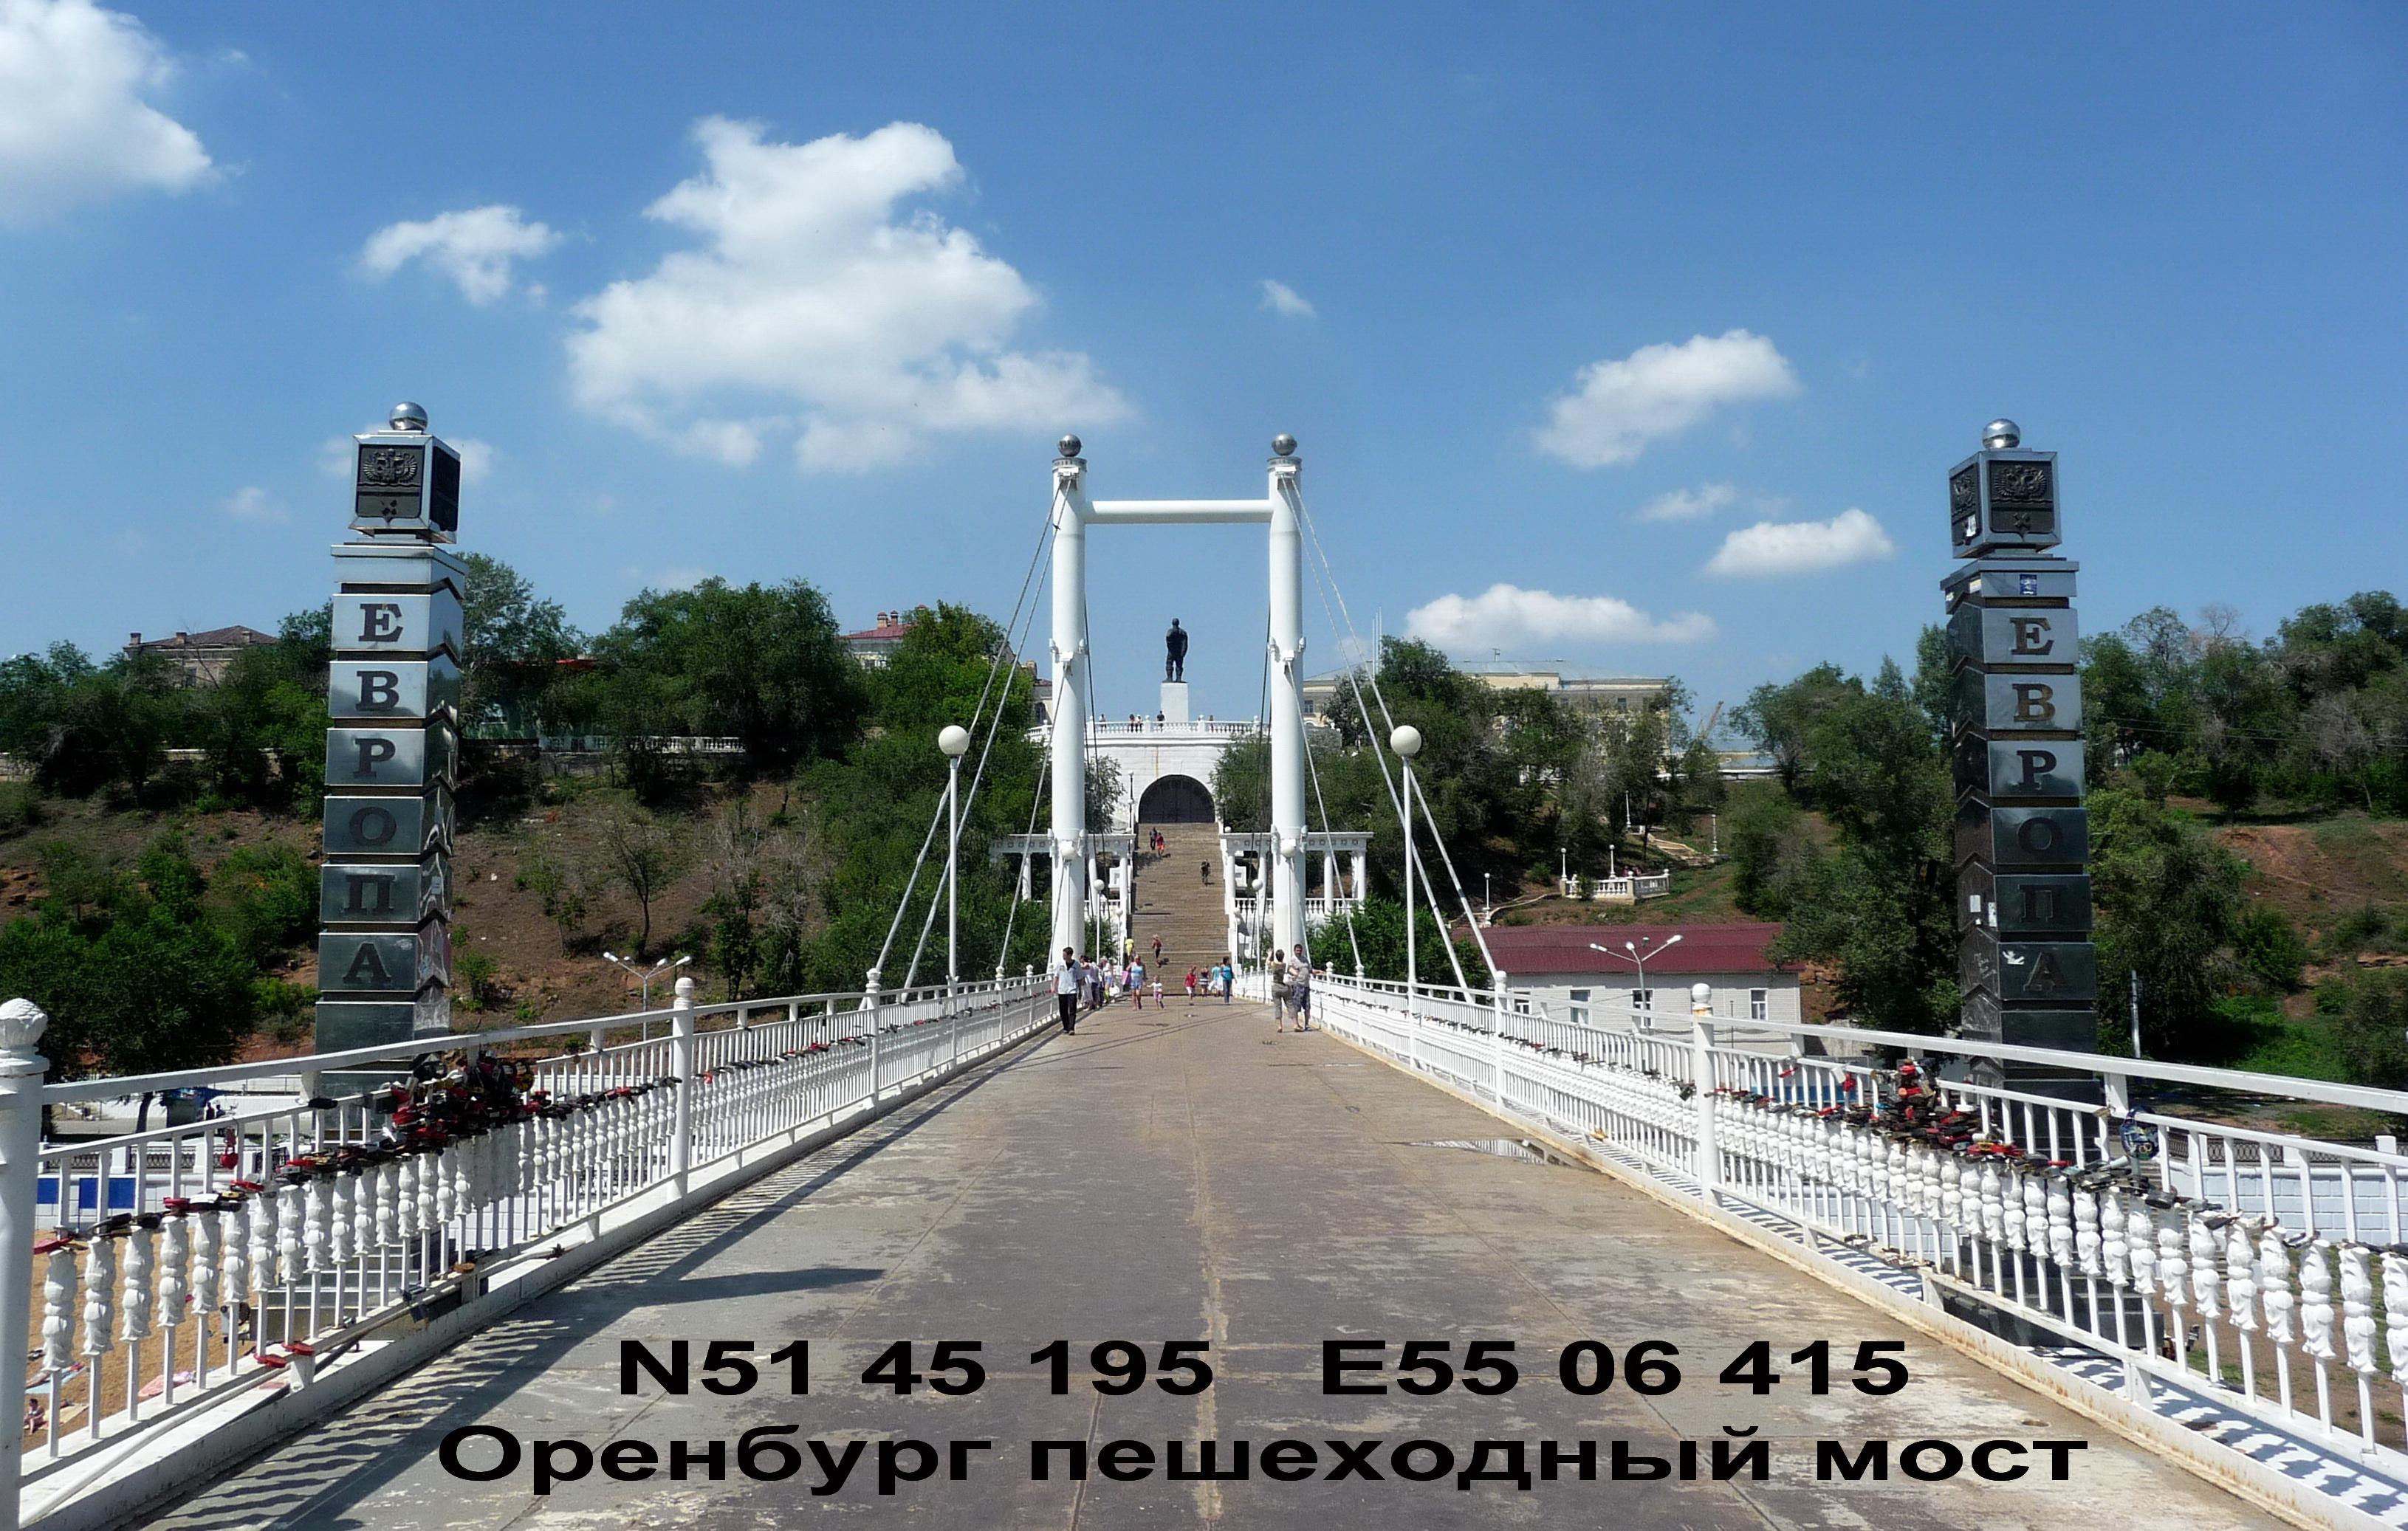 3 - Оренбург пешеходный мост